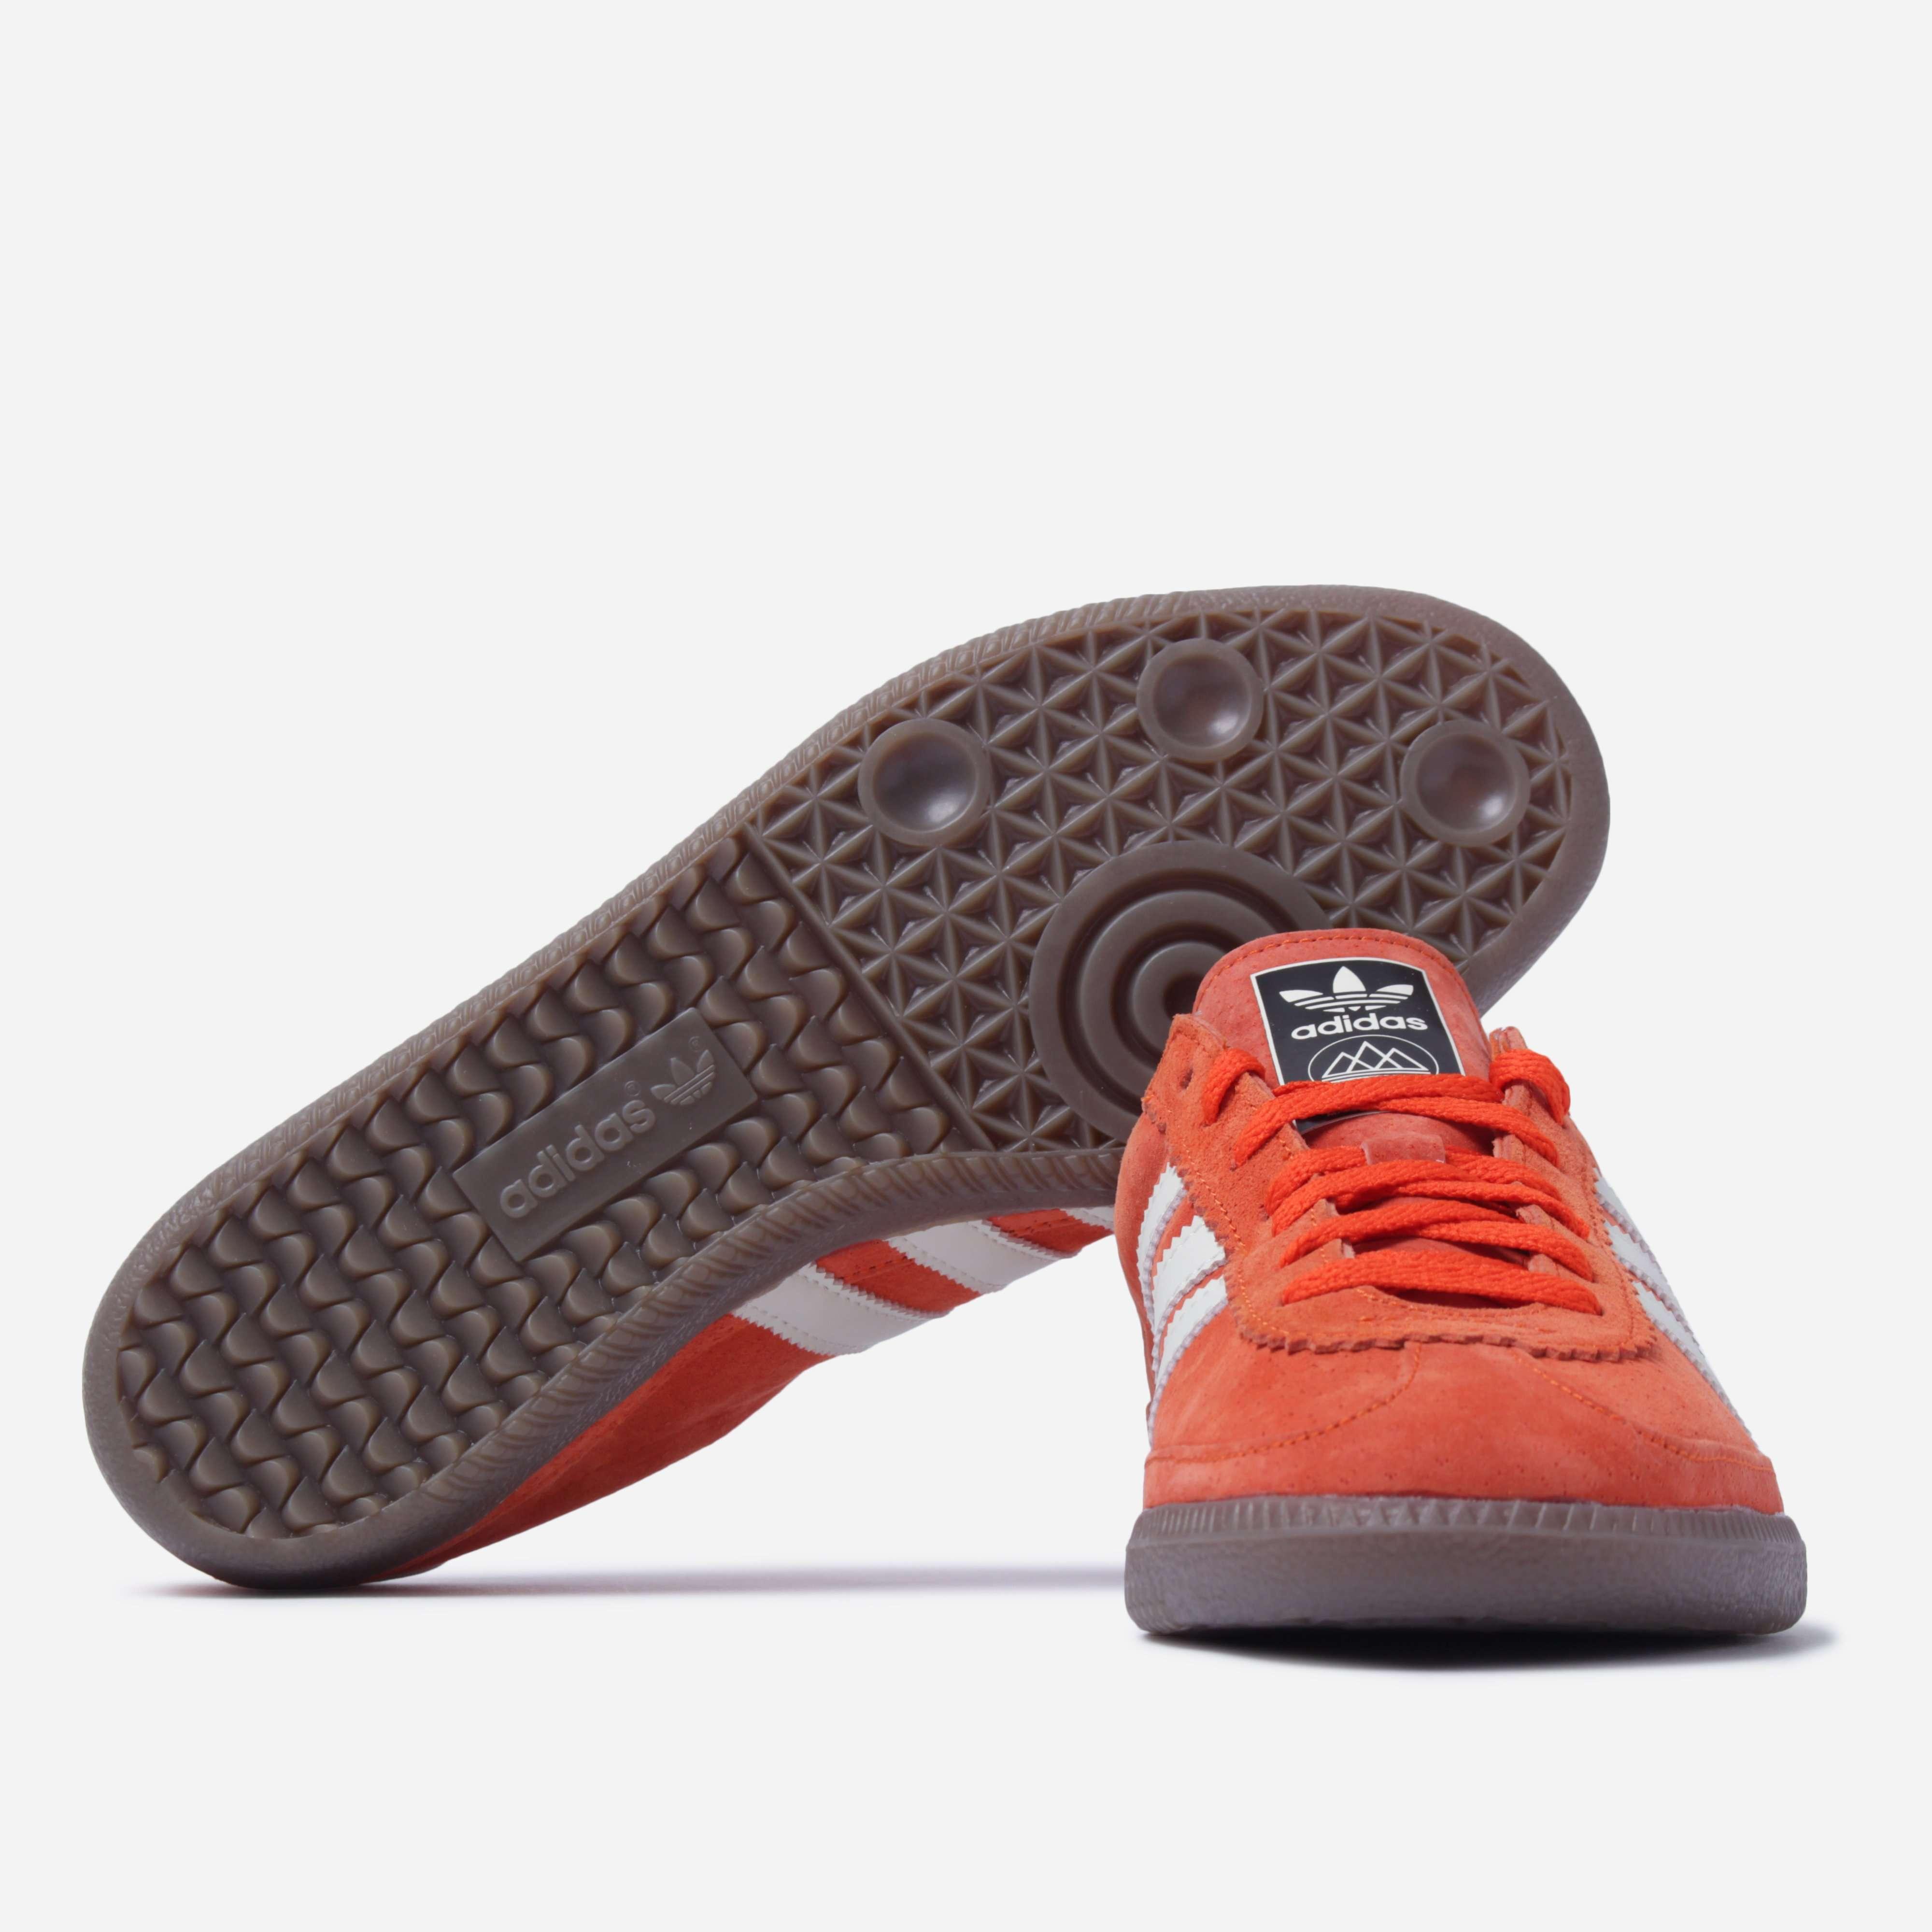 adidas Originals Spezial Whalley SPZL